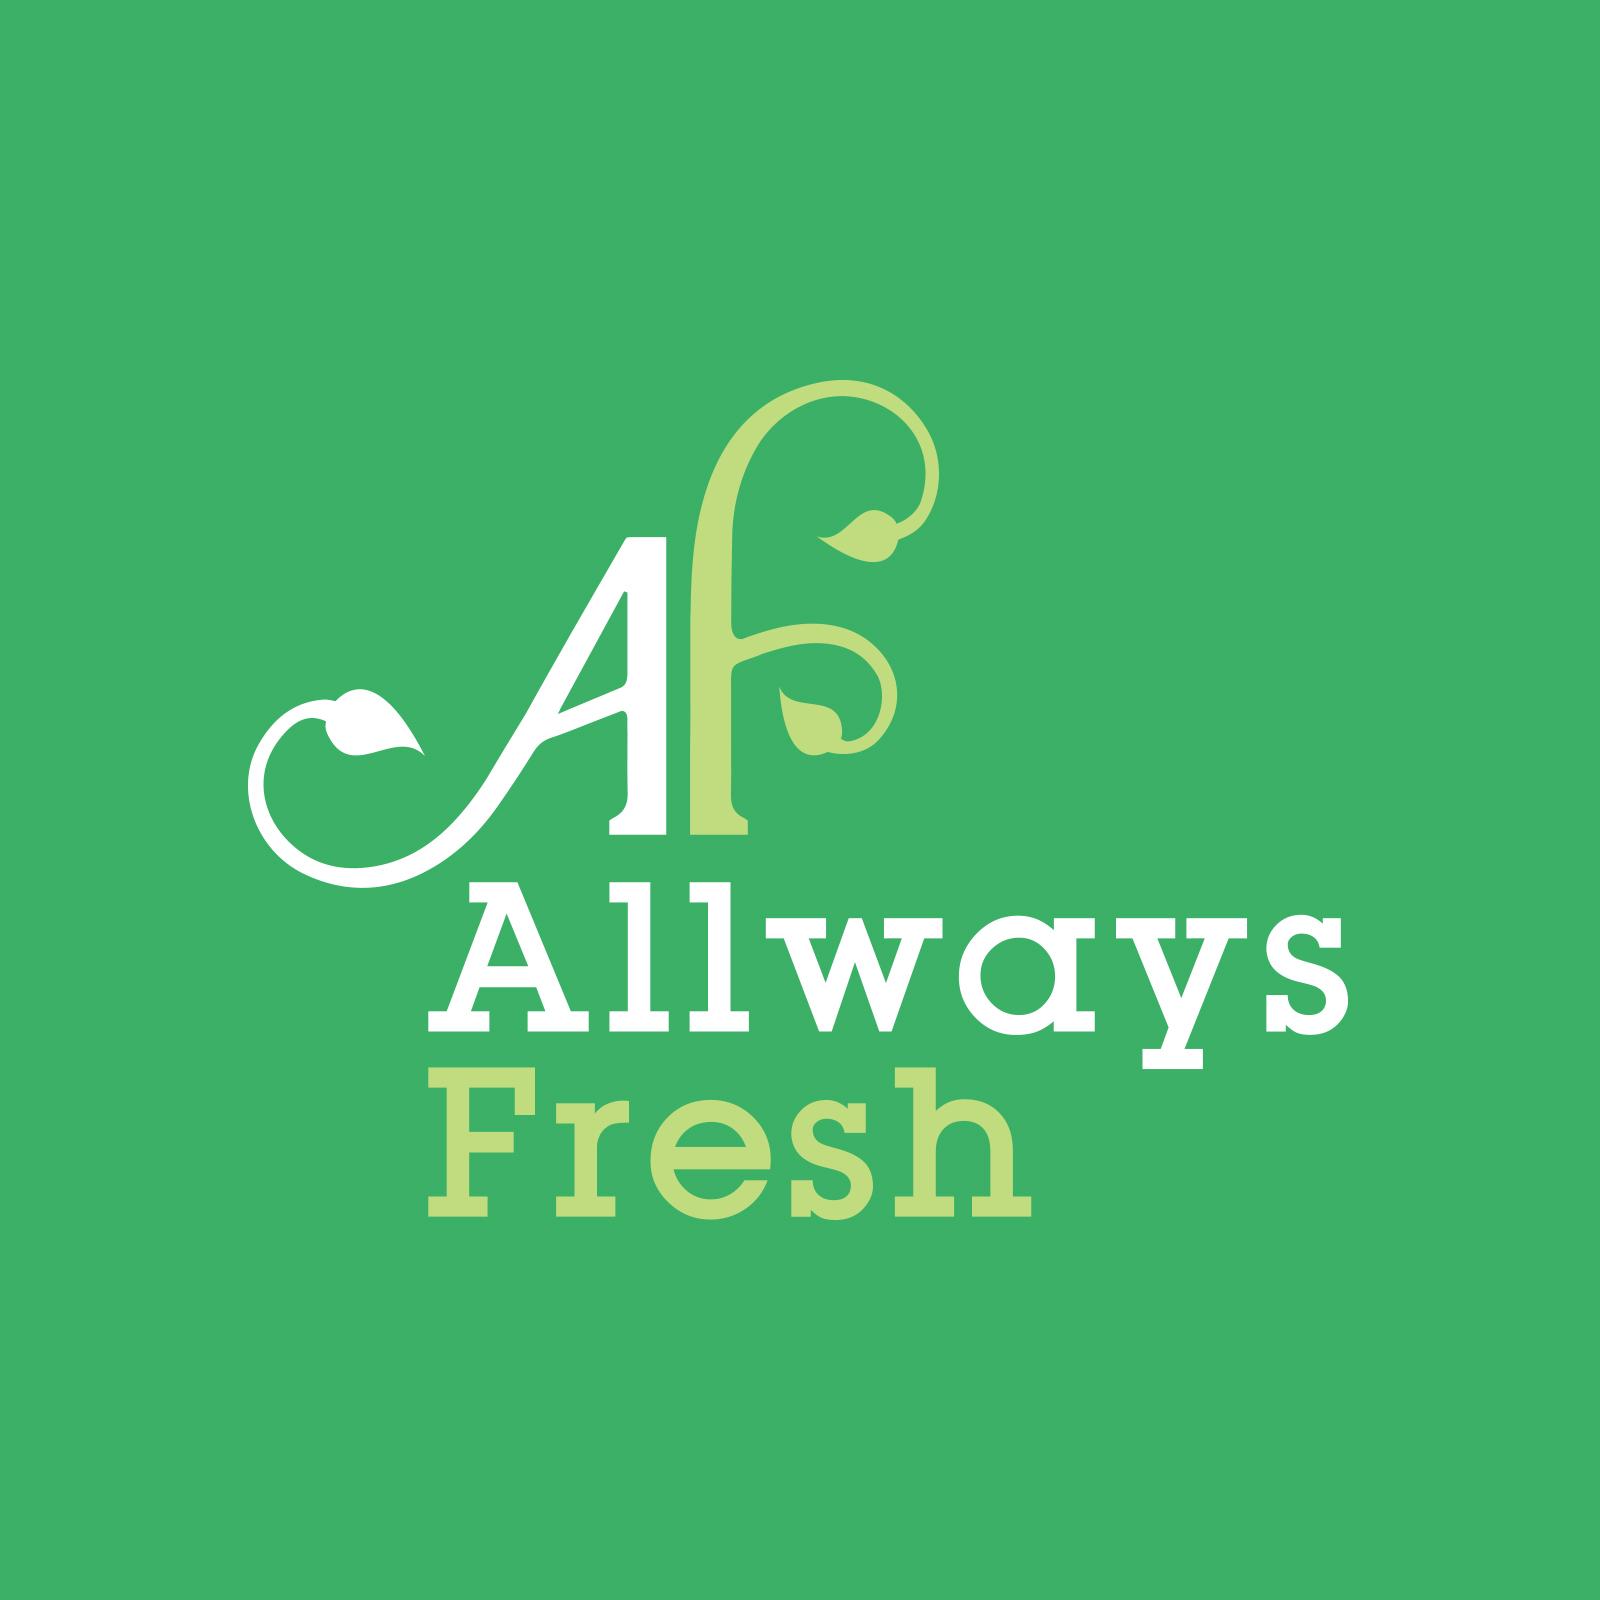 Allways Fresh   Vegetable suppliers